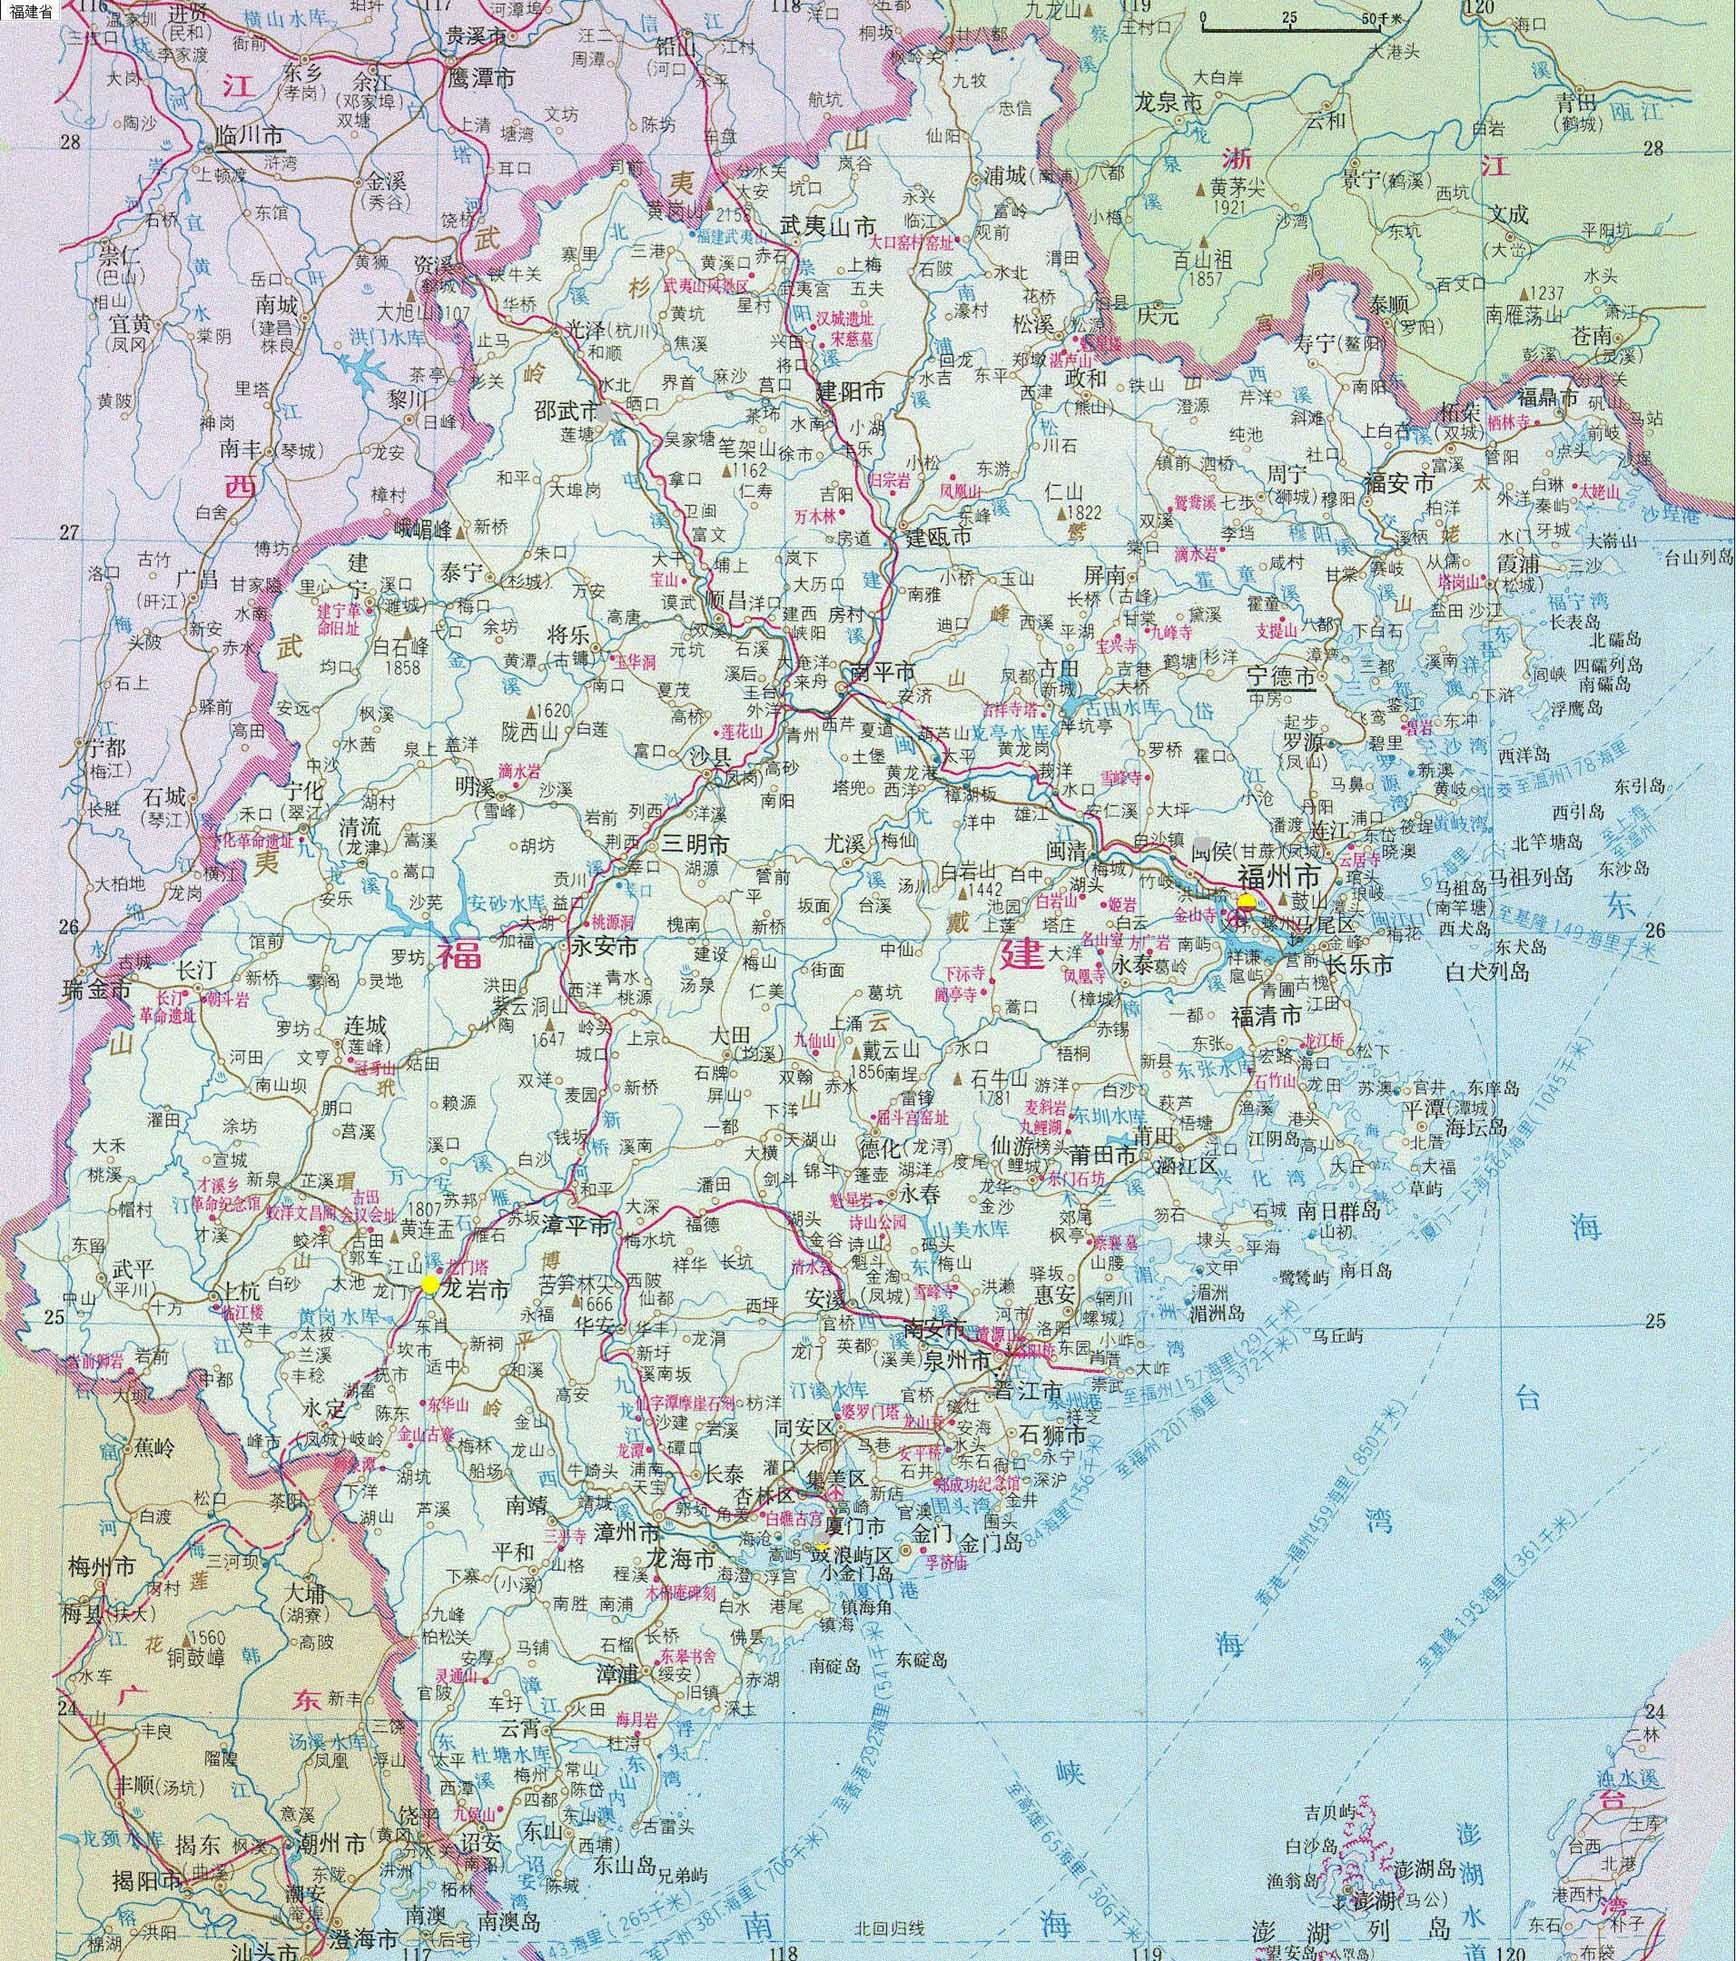 中国各省高清地图 (可放大缩小多倍)